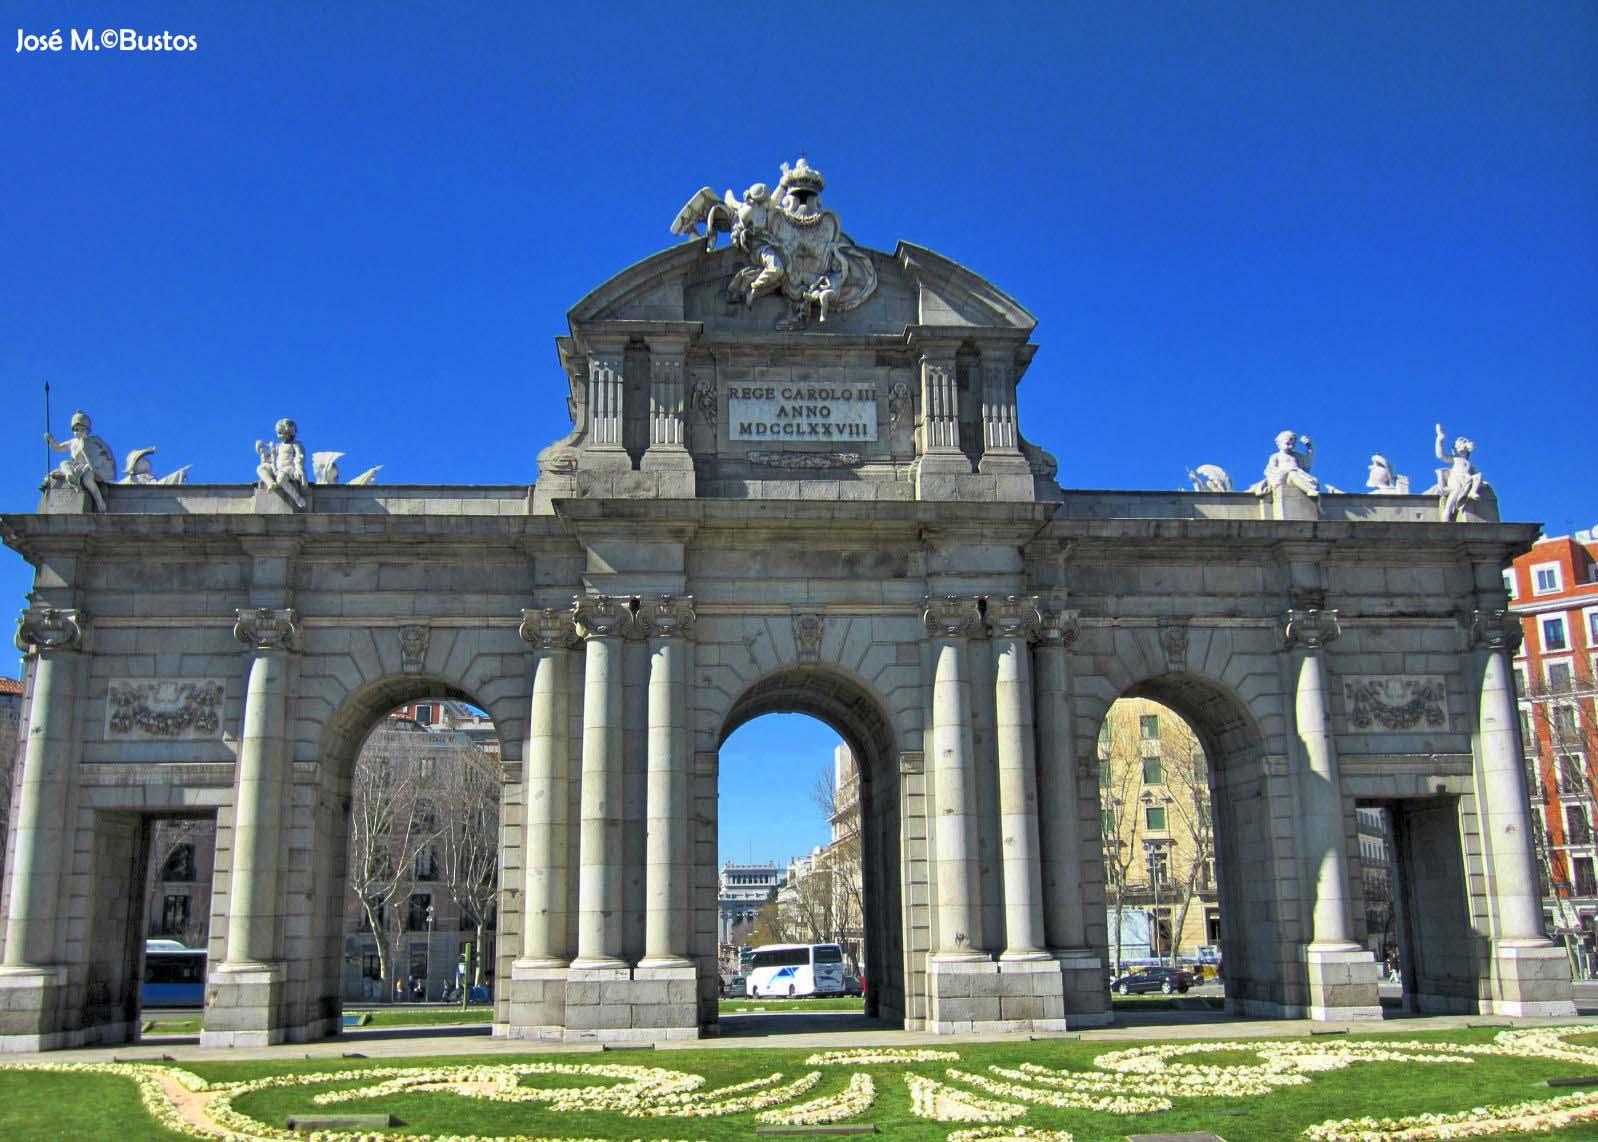 Miradas de madrid el palacio del buen retiro 2 parte for Puerta 6 autodromo hermanos rodriguez ubicacion